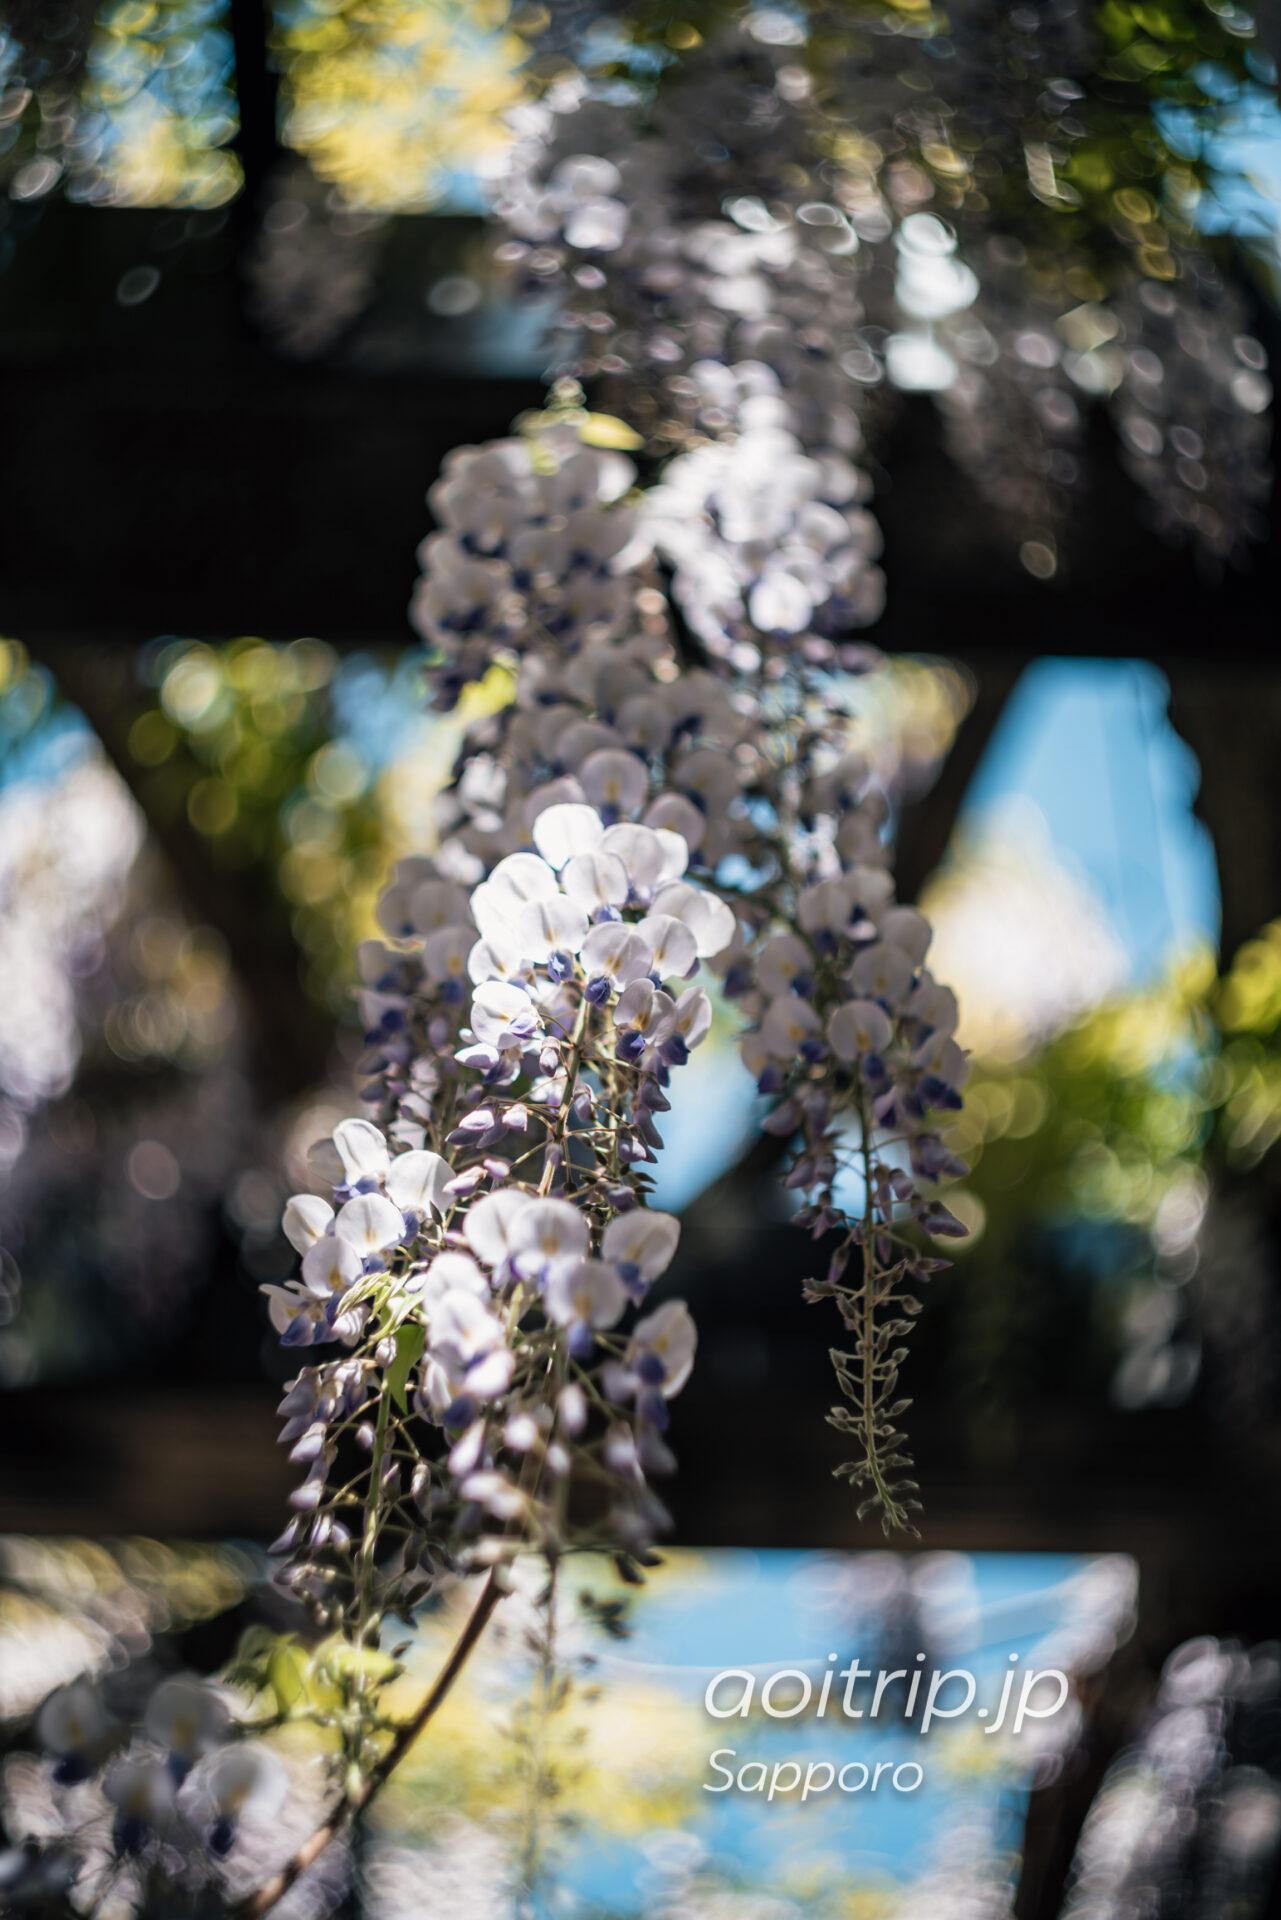 札幌市豊平区 天神山緑地の天神藤